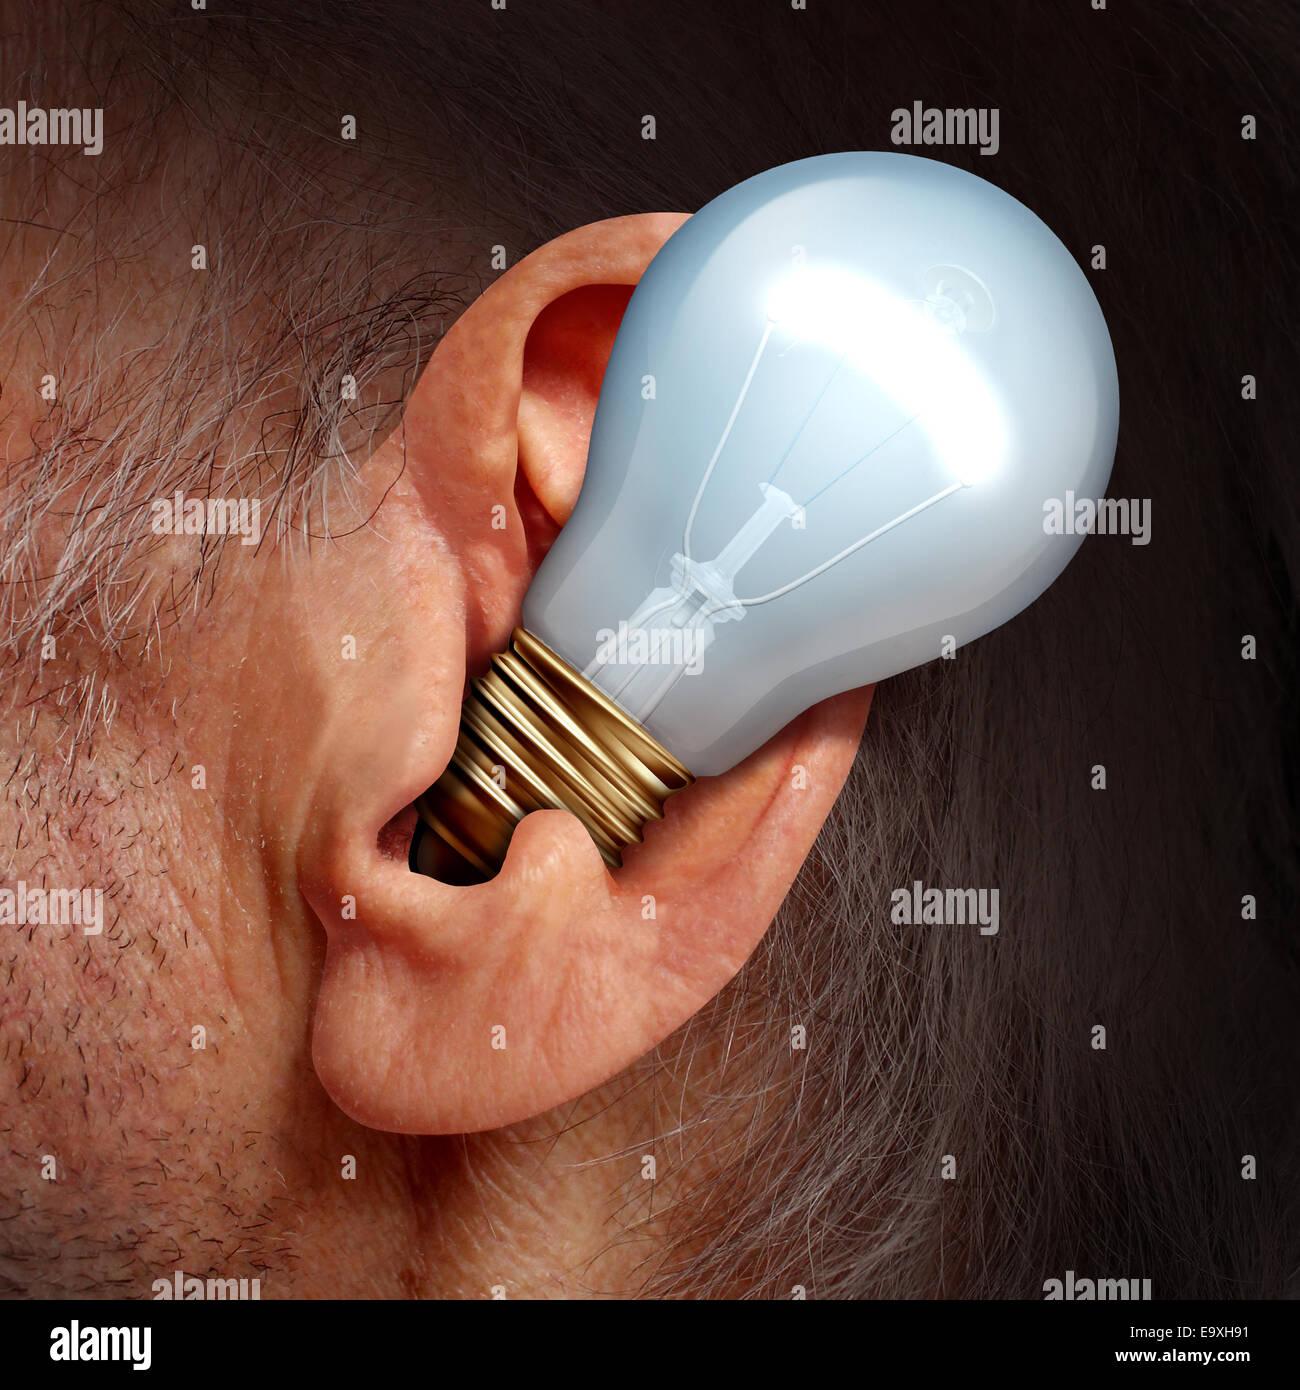 Hören Sie sich Ideen Konzept als eine Glühbirne in ein menschliches Ohr als Symbol des Zuhörens und Stockbild